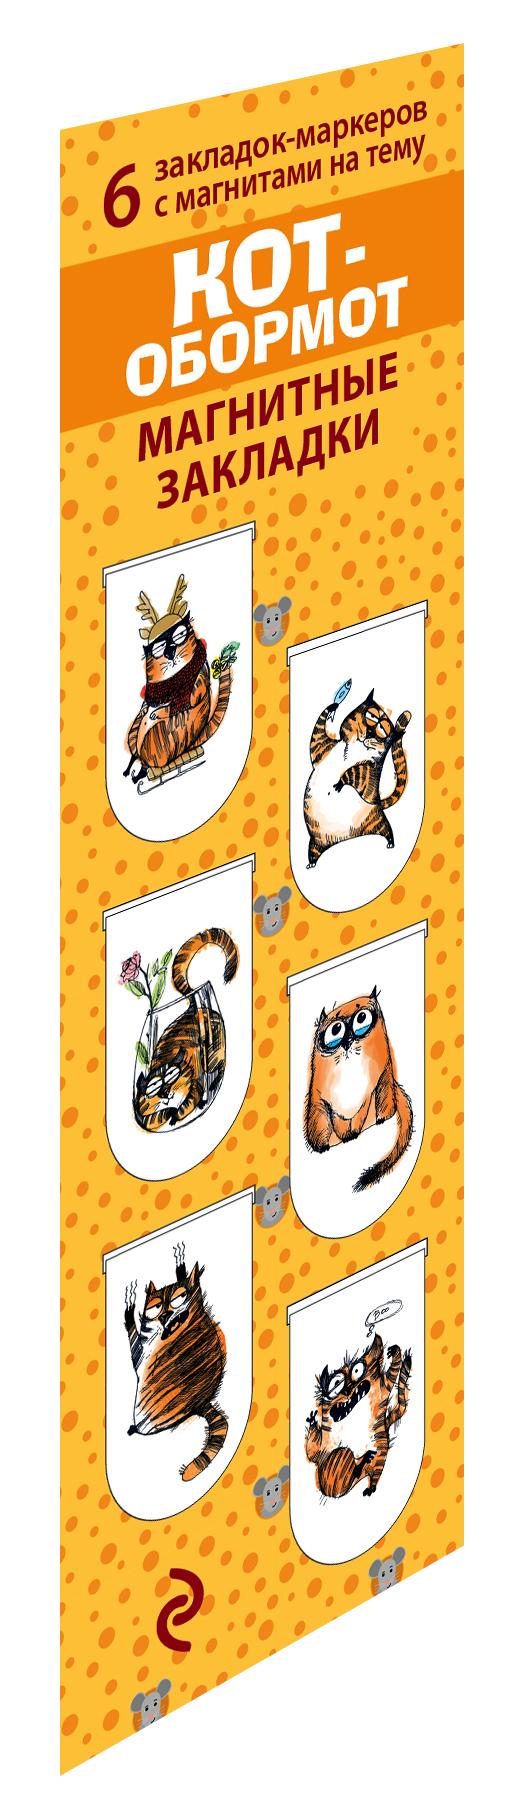 Магнитные закладки. Кот-обормот (6 закладок полукругл.)